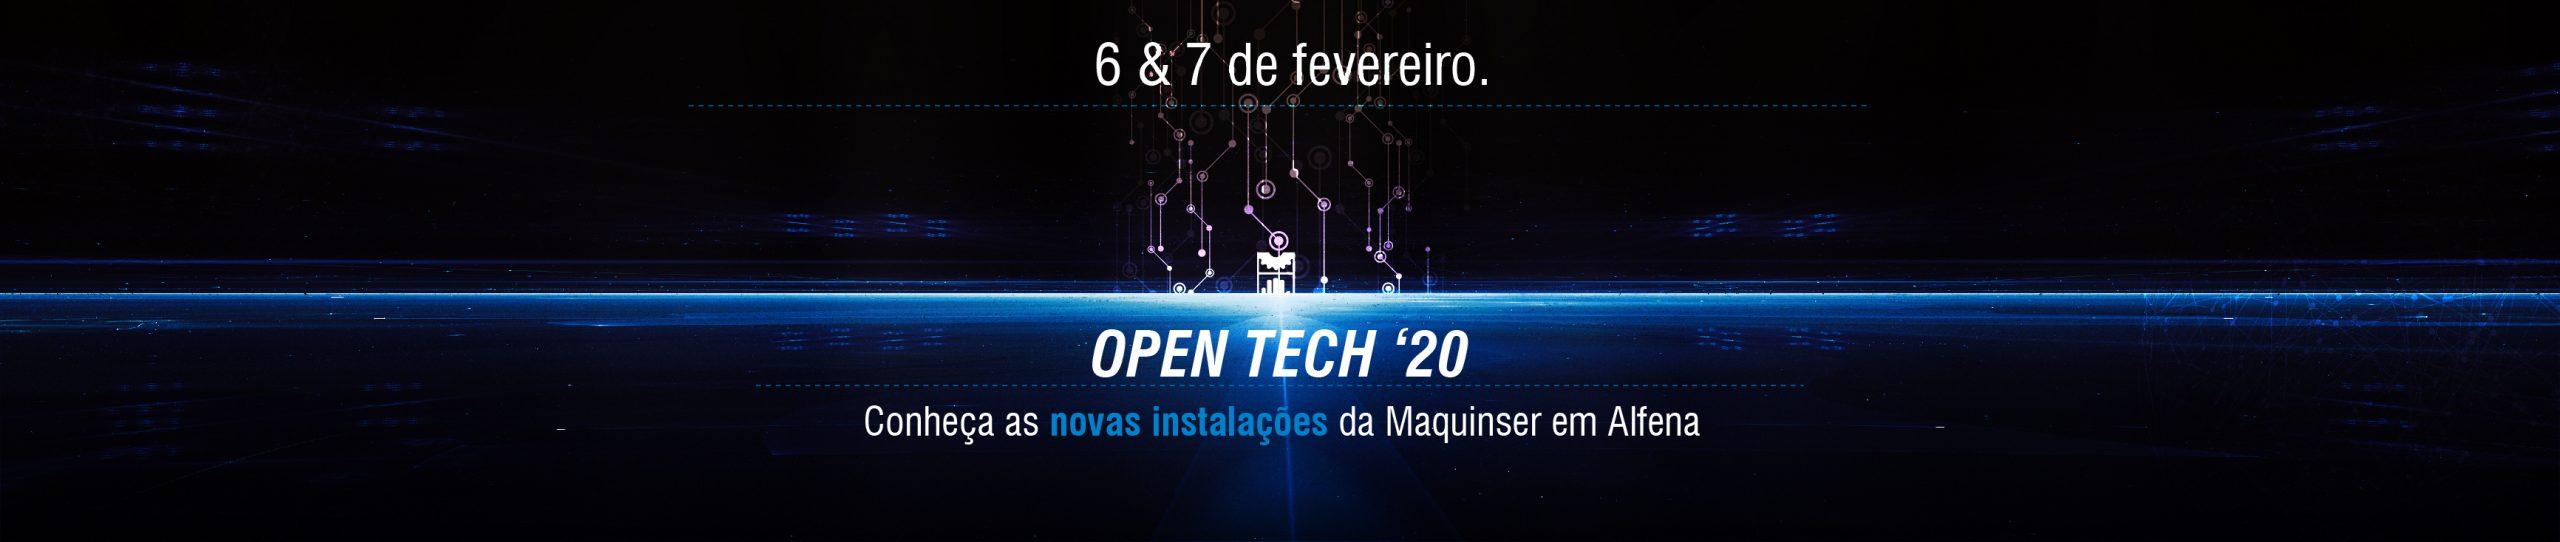 INAUGURACIÓN & OPEN TECH 20